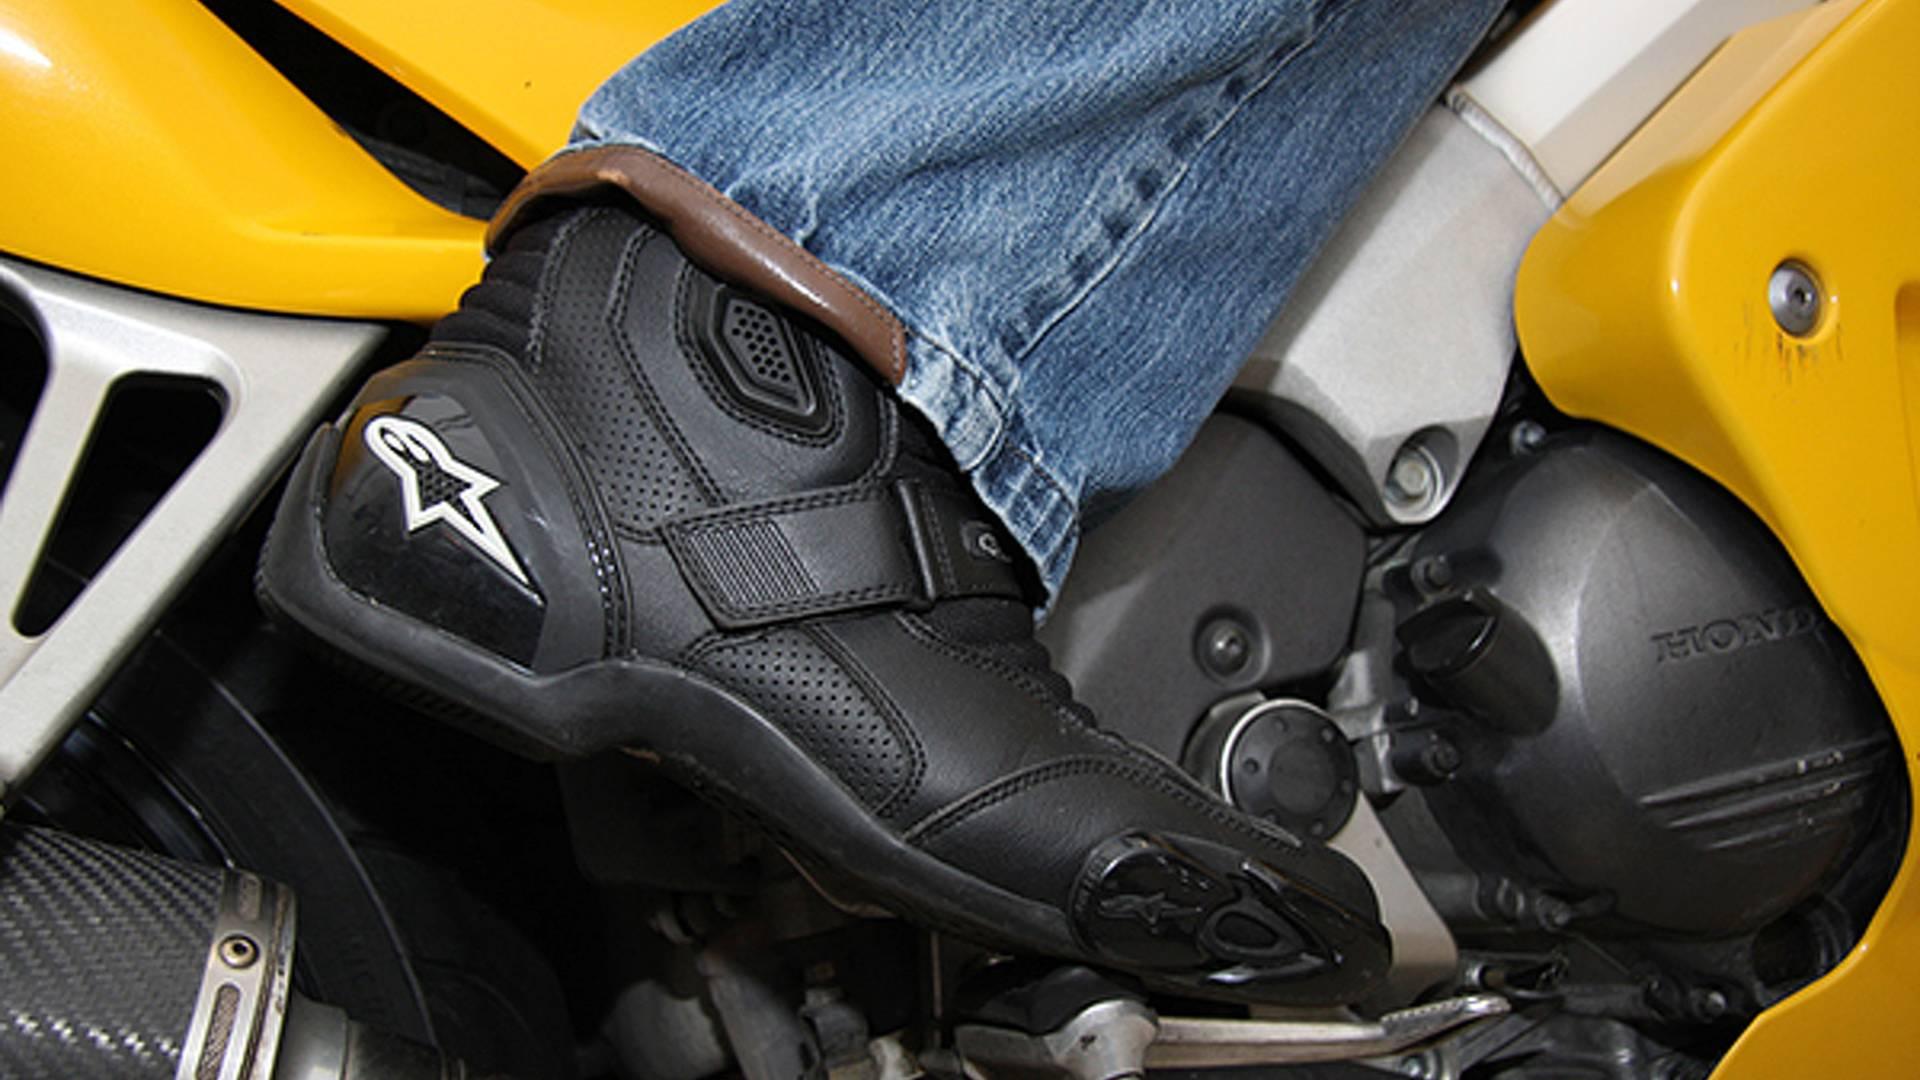 584d814f018 Gear  Alpinestars SMX-1 boots